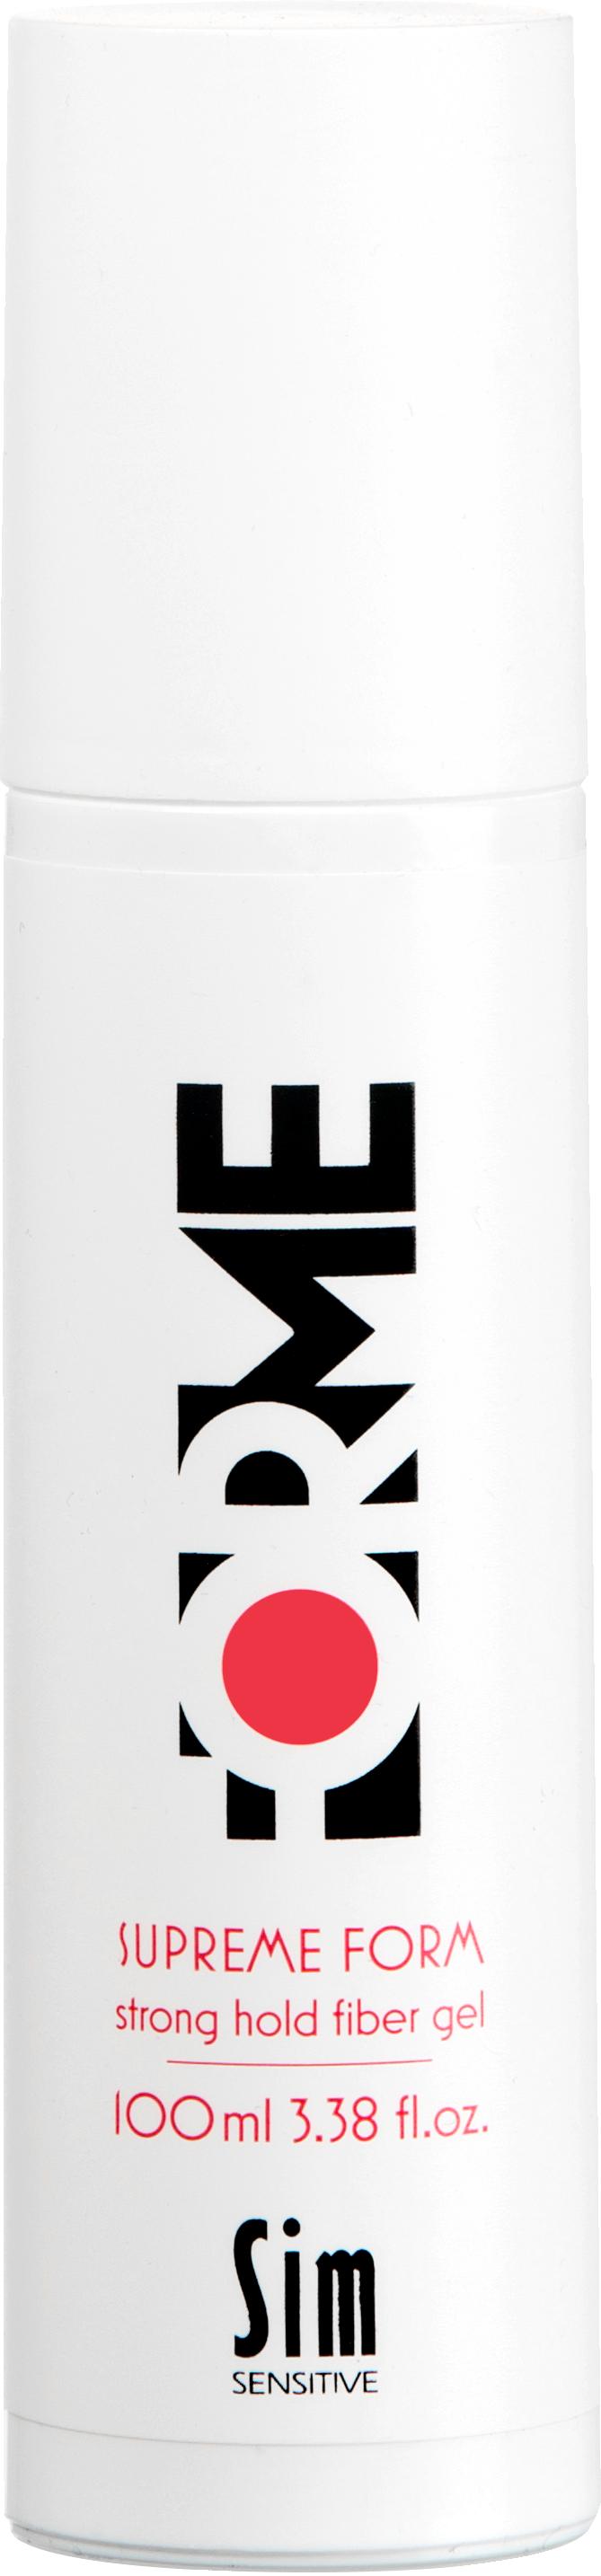 SIM SENSITIVE Гель волокнистый сильной фиксации для укладки волос / Supreme Form Strong Hold Fiber Gel FORME 100млГели<br>Гель для укладки волос Supreme Form сильной фиксации. Идеален для укладки сухих волос, так и для создания эффекта мокрых волос. Обеспечивает укладке желаемый объем, невероятный блеск и надежно фиксирует любую укладку. Содержит экстракт клюквы и УФ-фильтр, которые защищают волосы от вредных воздействий окружающей среды. Экстракт клюквы, благодаря большой концентрации витаминов и микроэлементов, питает, ухаживает и защищает волосы. Фиксация: 5. Объем: 3. Блеск: 5. Активные ингредиенты: экстракт клюквы, УФ-фильтр. Состав: aqua, VP/VA copolymer, butyleneglycol, polysorbate 2O, polyquoternium-ll, acrylates/CIO-3O alkil acrylate crosspolymer, glycerin, vaccinium macrocarpon (cranberry) fruit extract, aminomethyl propanol, PEG-9OM, parfum, benzophenone-4, phenoxyethanol, ethylhexylglycerin. Способ применения: разотрите небольшое количество геля на ладони, разотрите в руках и нанесите на волосы. Уложите волосы в прическу.<br>